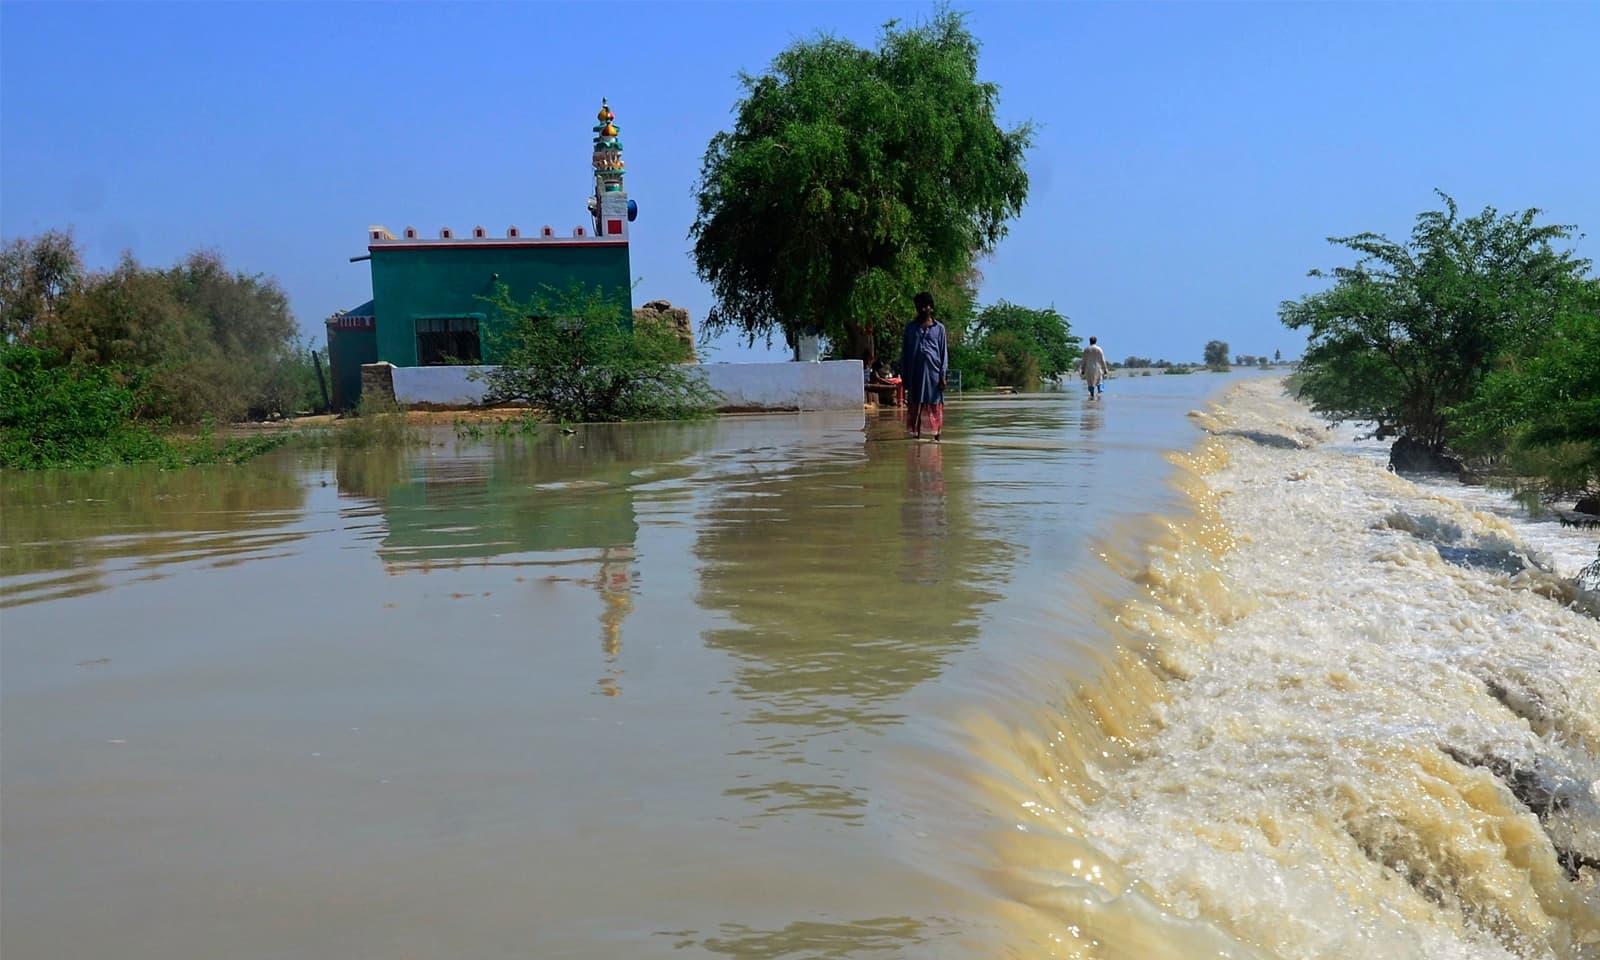 سندھ میں مسلسل موسلا دھار بارشوں سے نئی گج ڈیم کا بند ٹوٹ گیا —فوٹو: اے پی